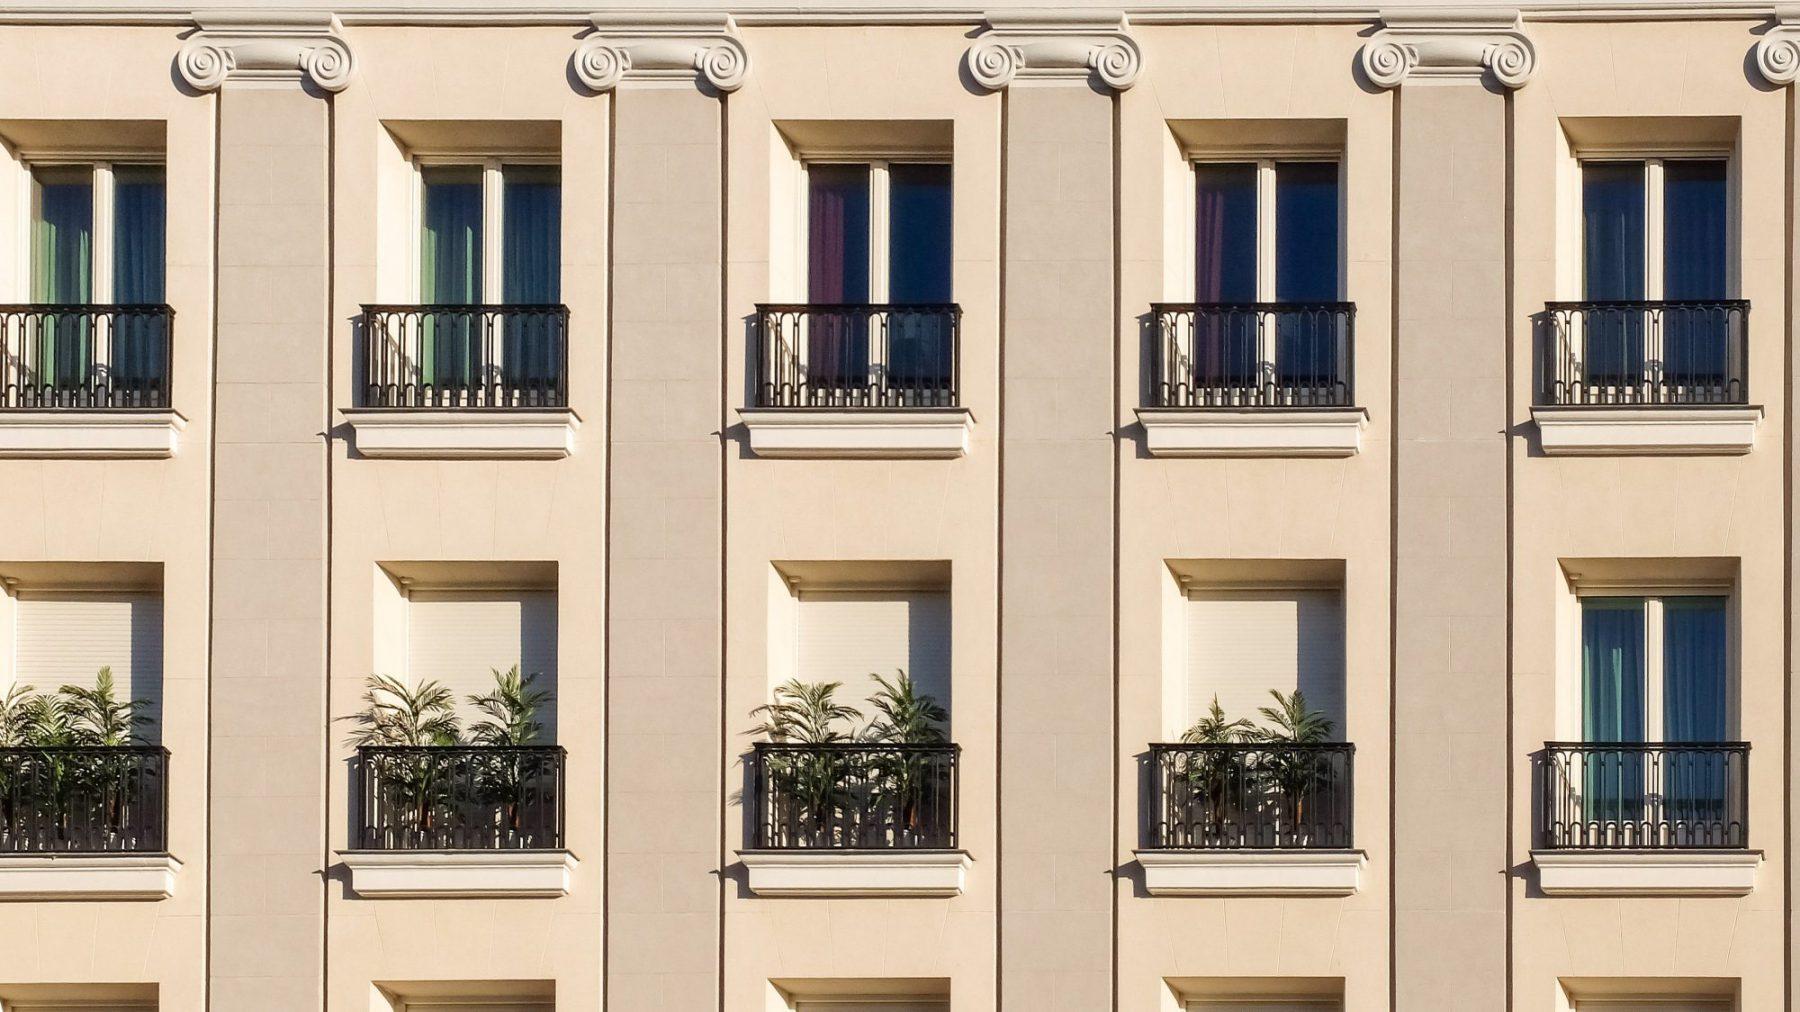 Settore immobiliare - Appartamenti - Real estate Imc